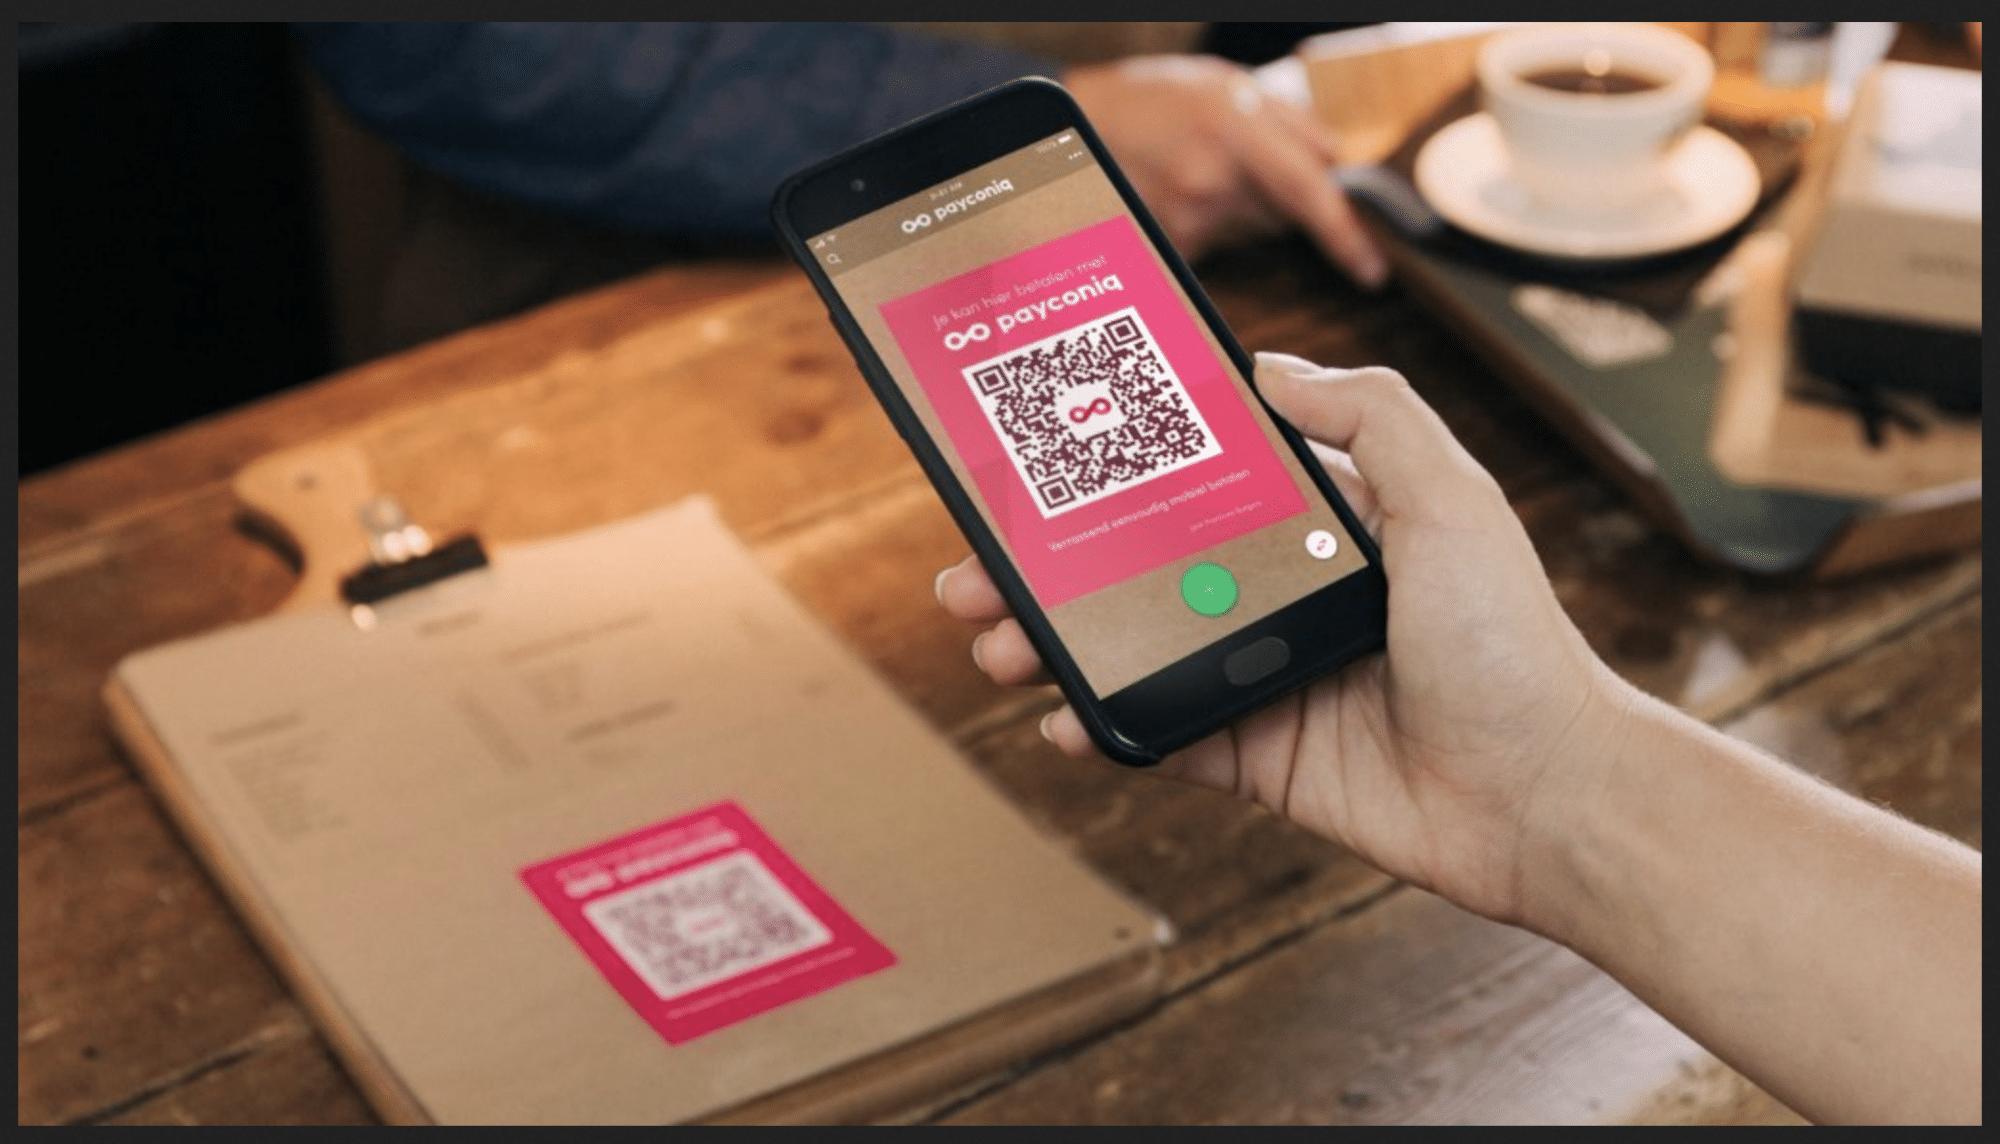 Thanh toán bằng QR Code như thế nào? Thanh toán qua QR Code có an toàn không?